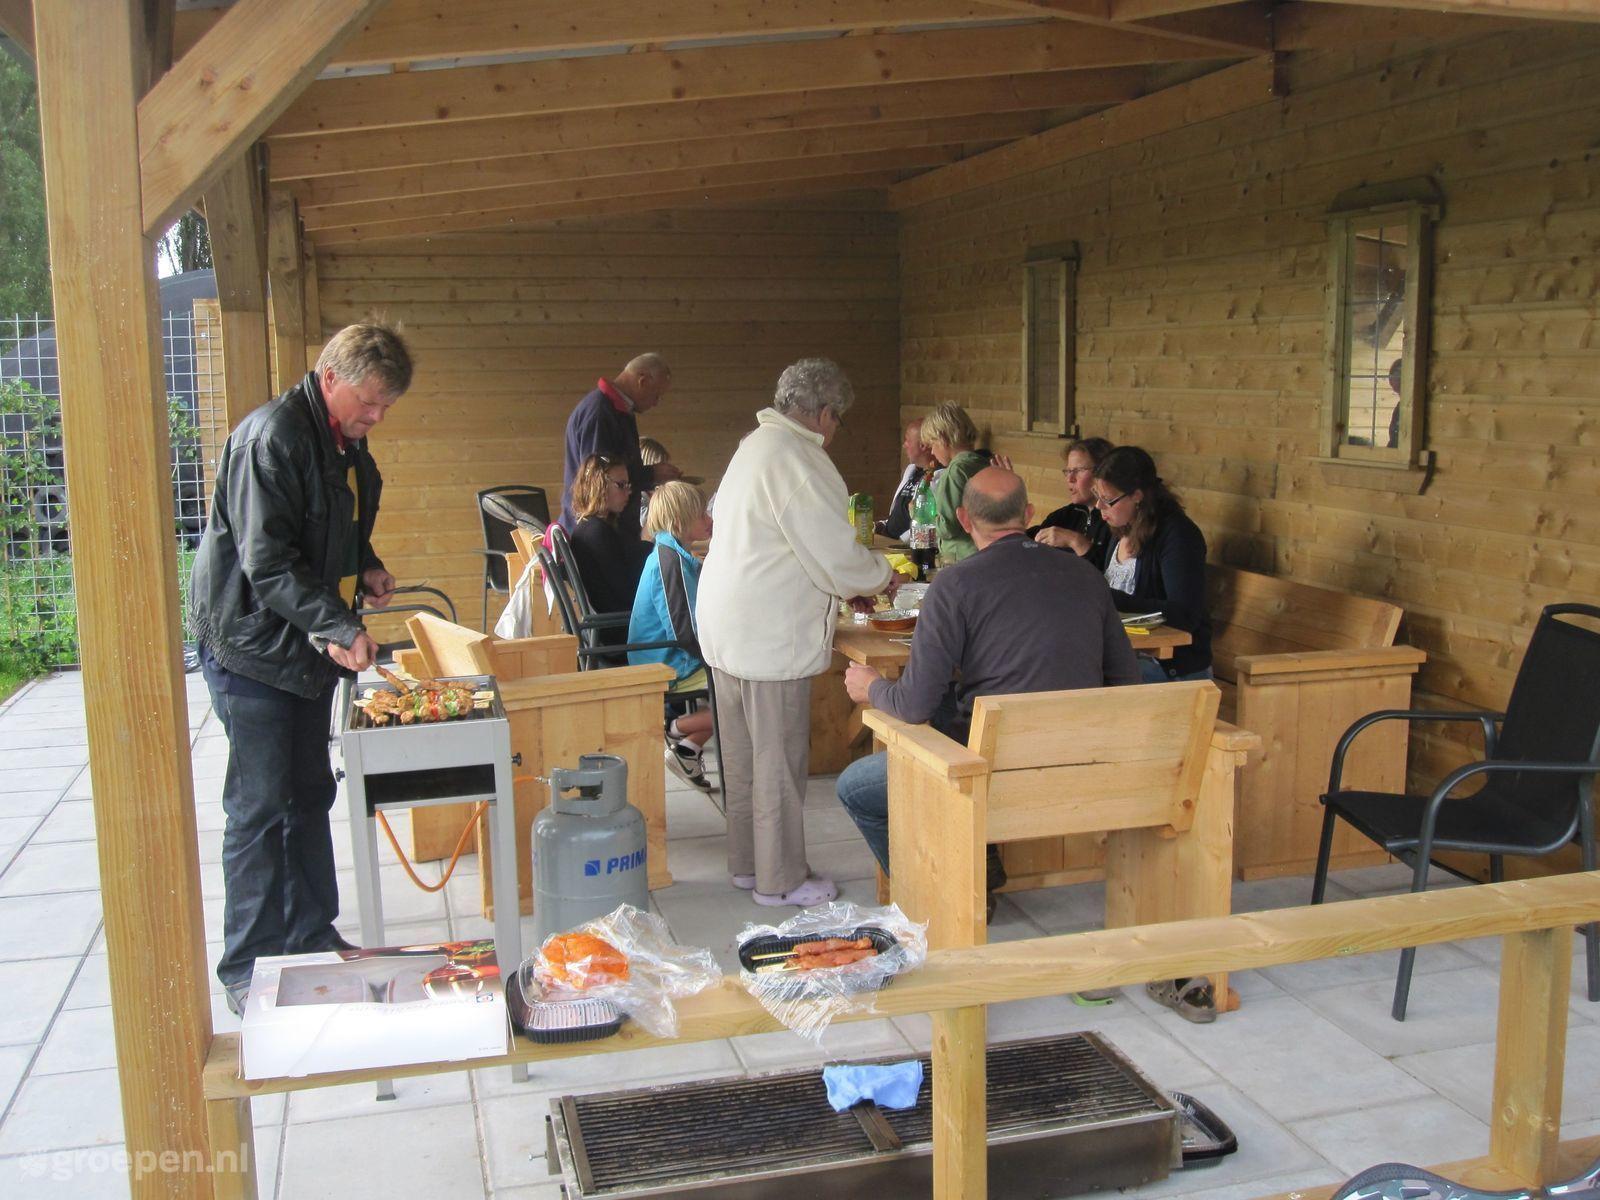 Gruppenunterkunft Koudekerk aan den Rijn